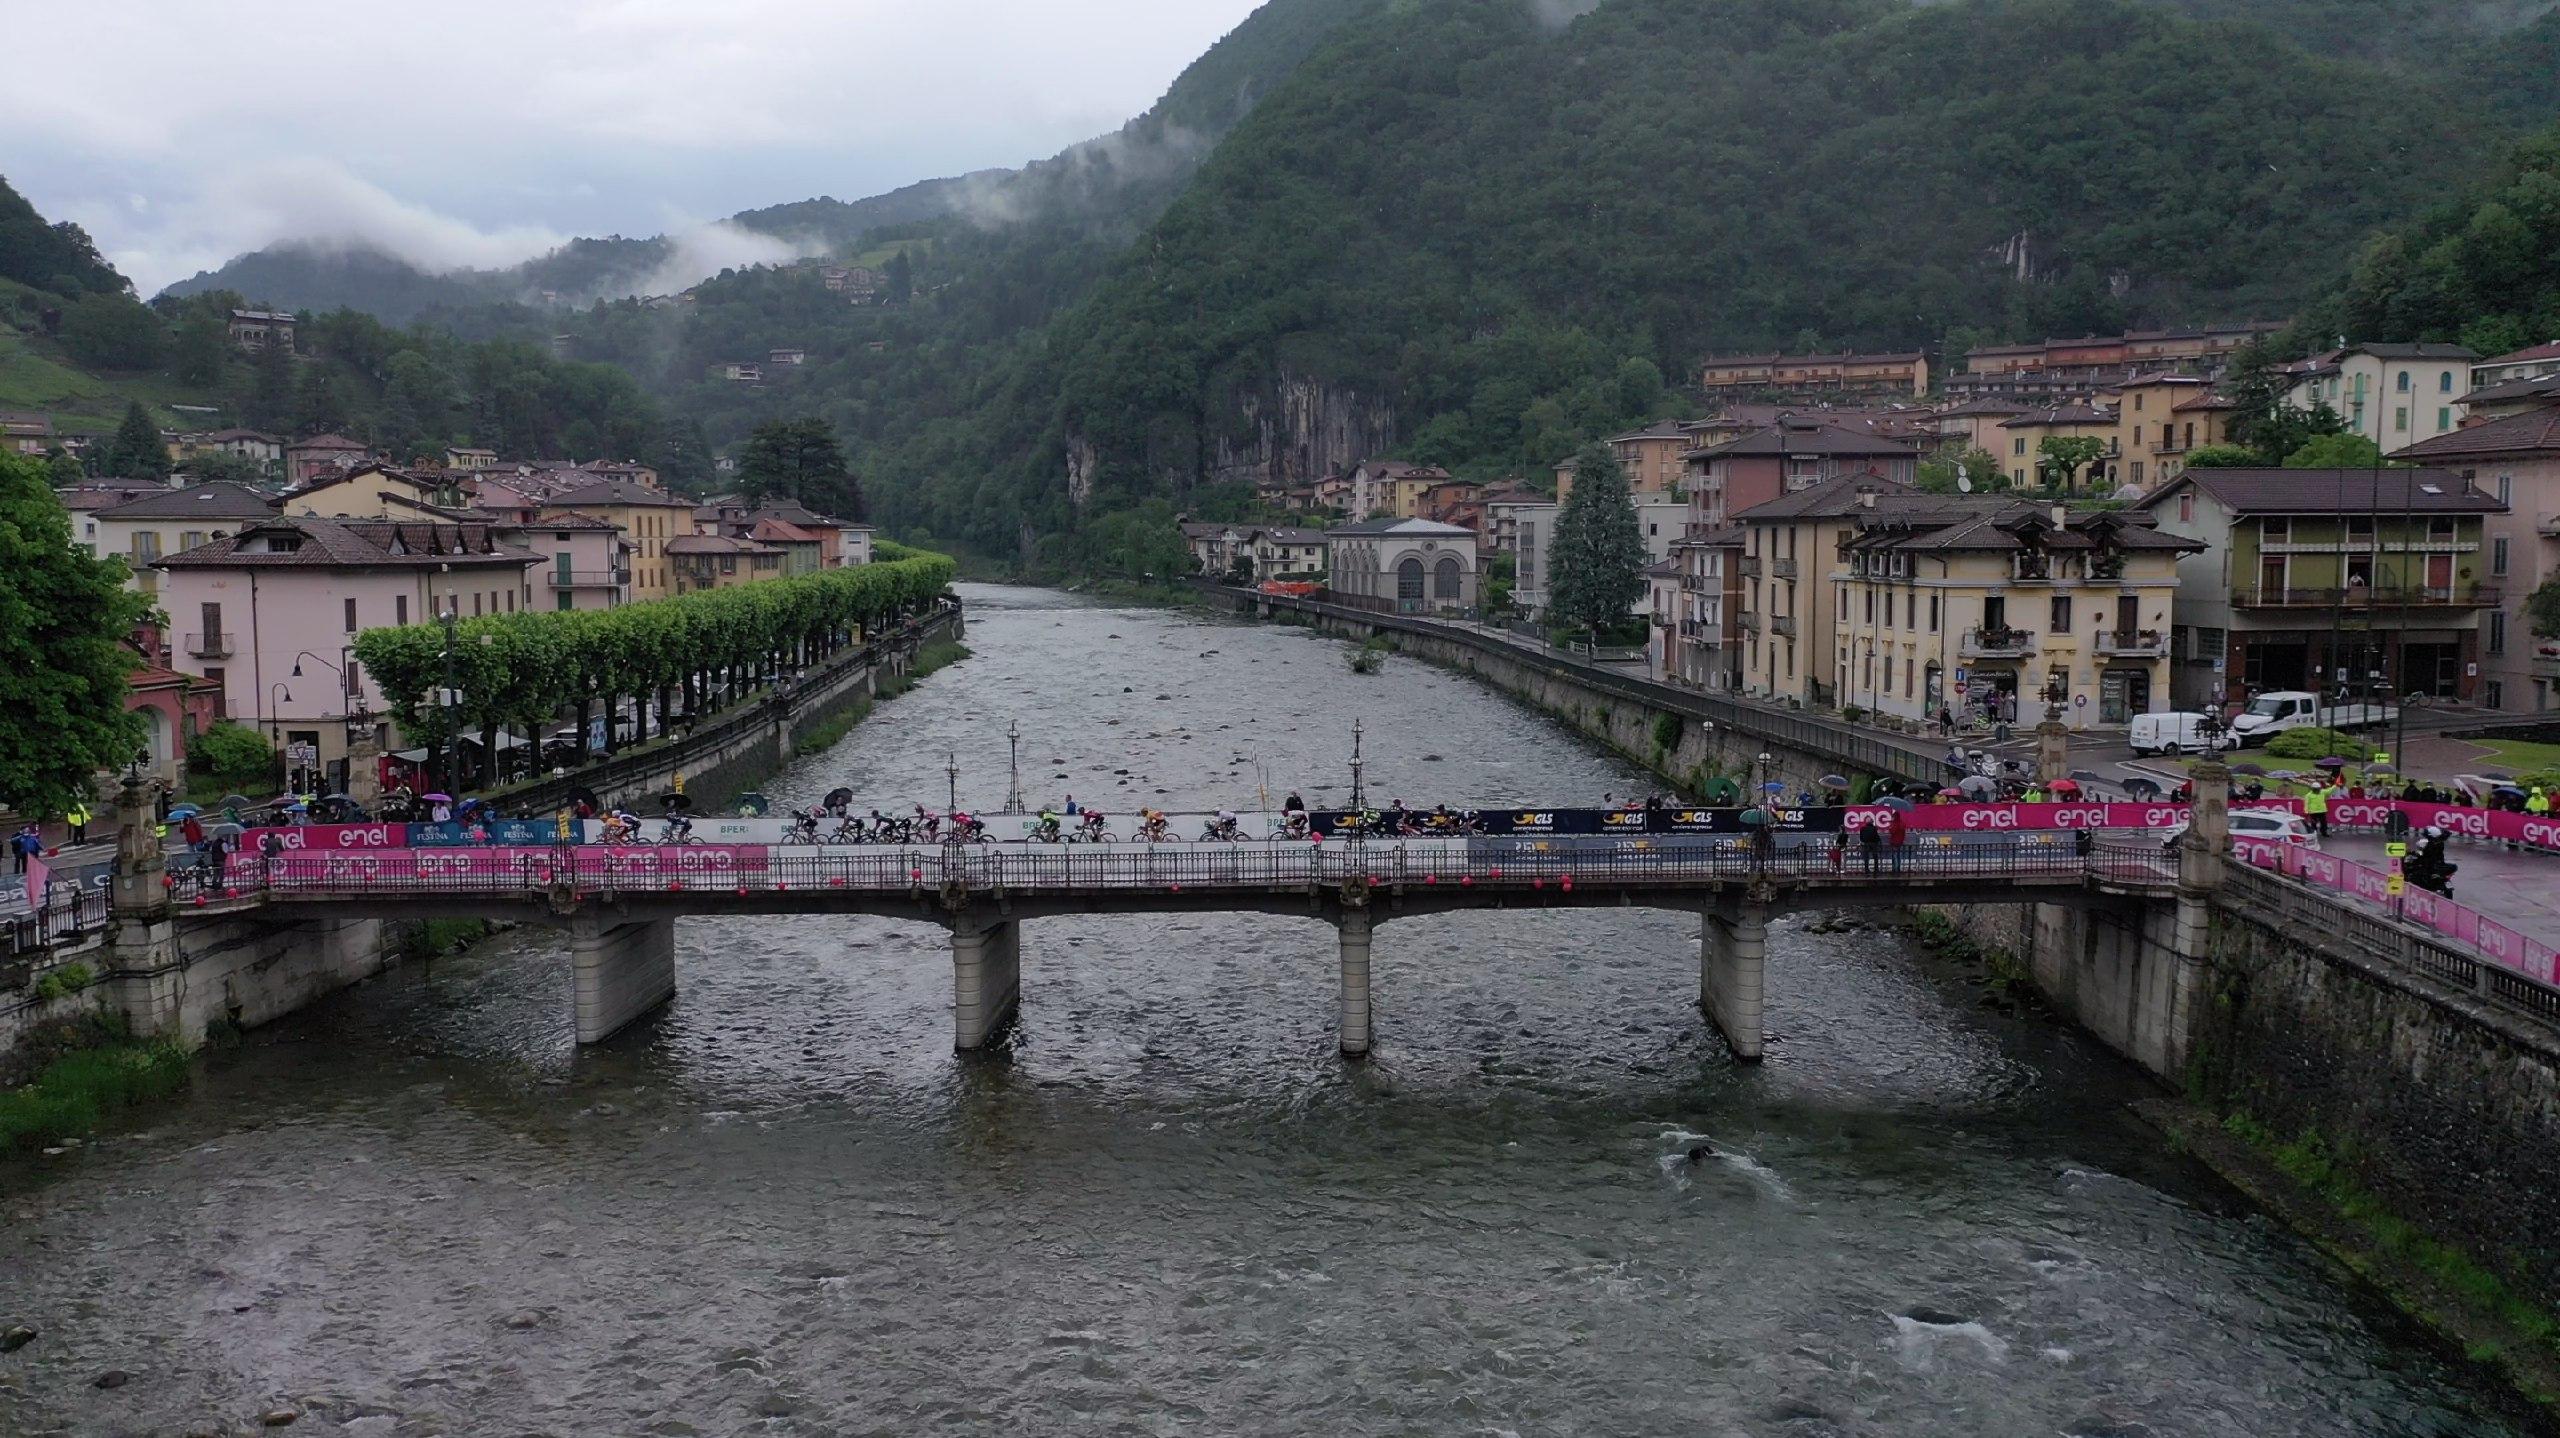 Passaggio del Giro d'Italia Under 23 sul ponte sul fiume Brembo a San Pellegrino Terme (foto IsolaPress)